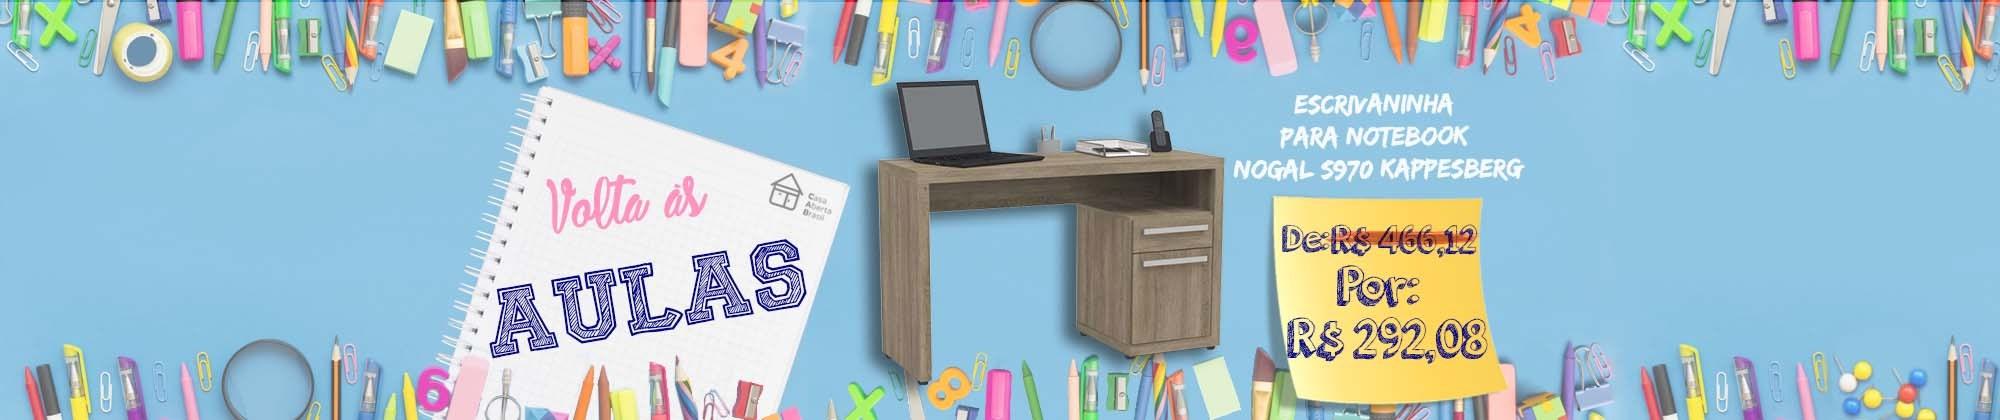 Escrivaninha para Notebook Nogal S970 Kappesberg